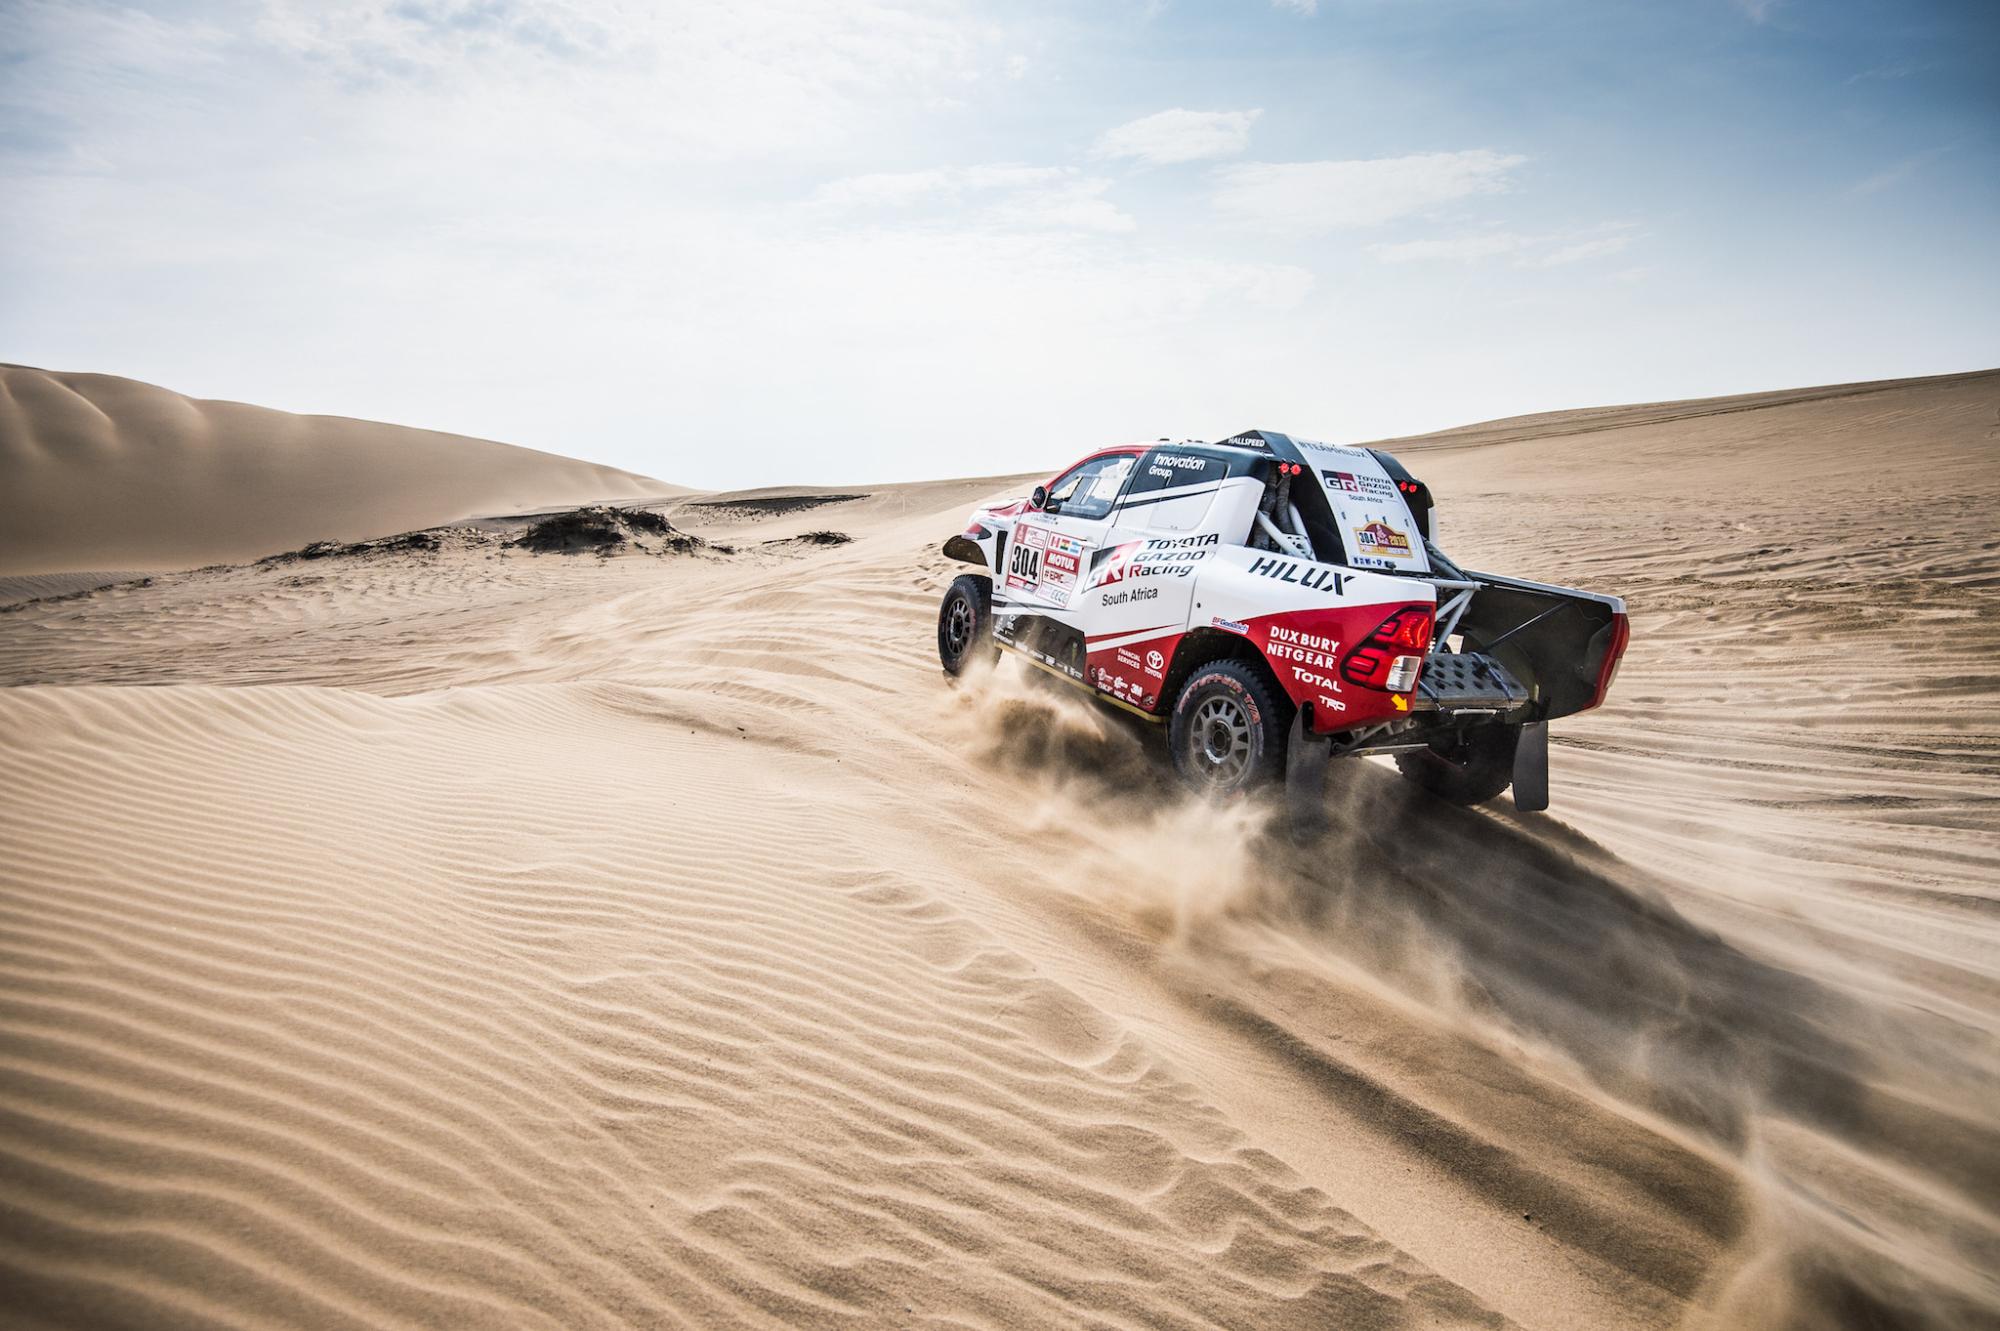 De Villiers, Dakar 2018